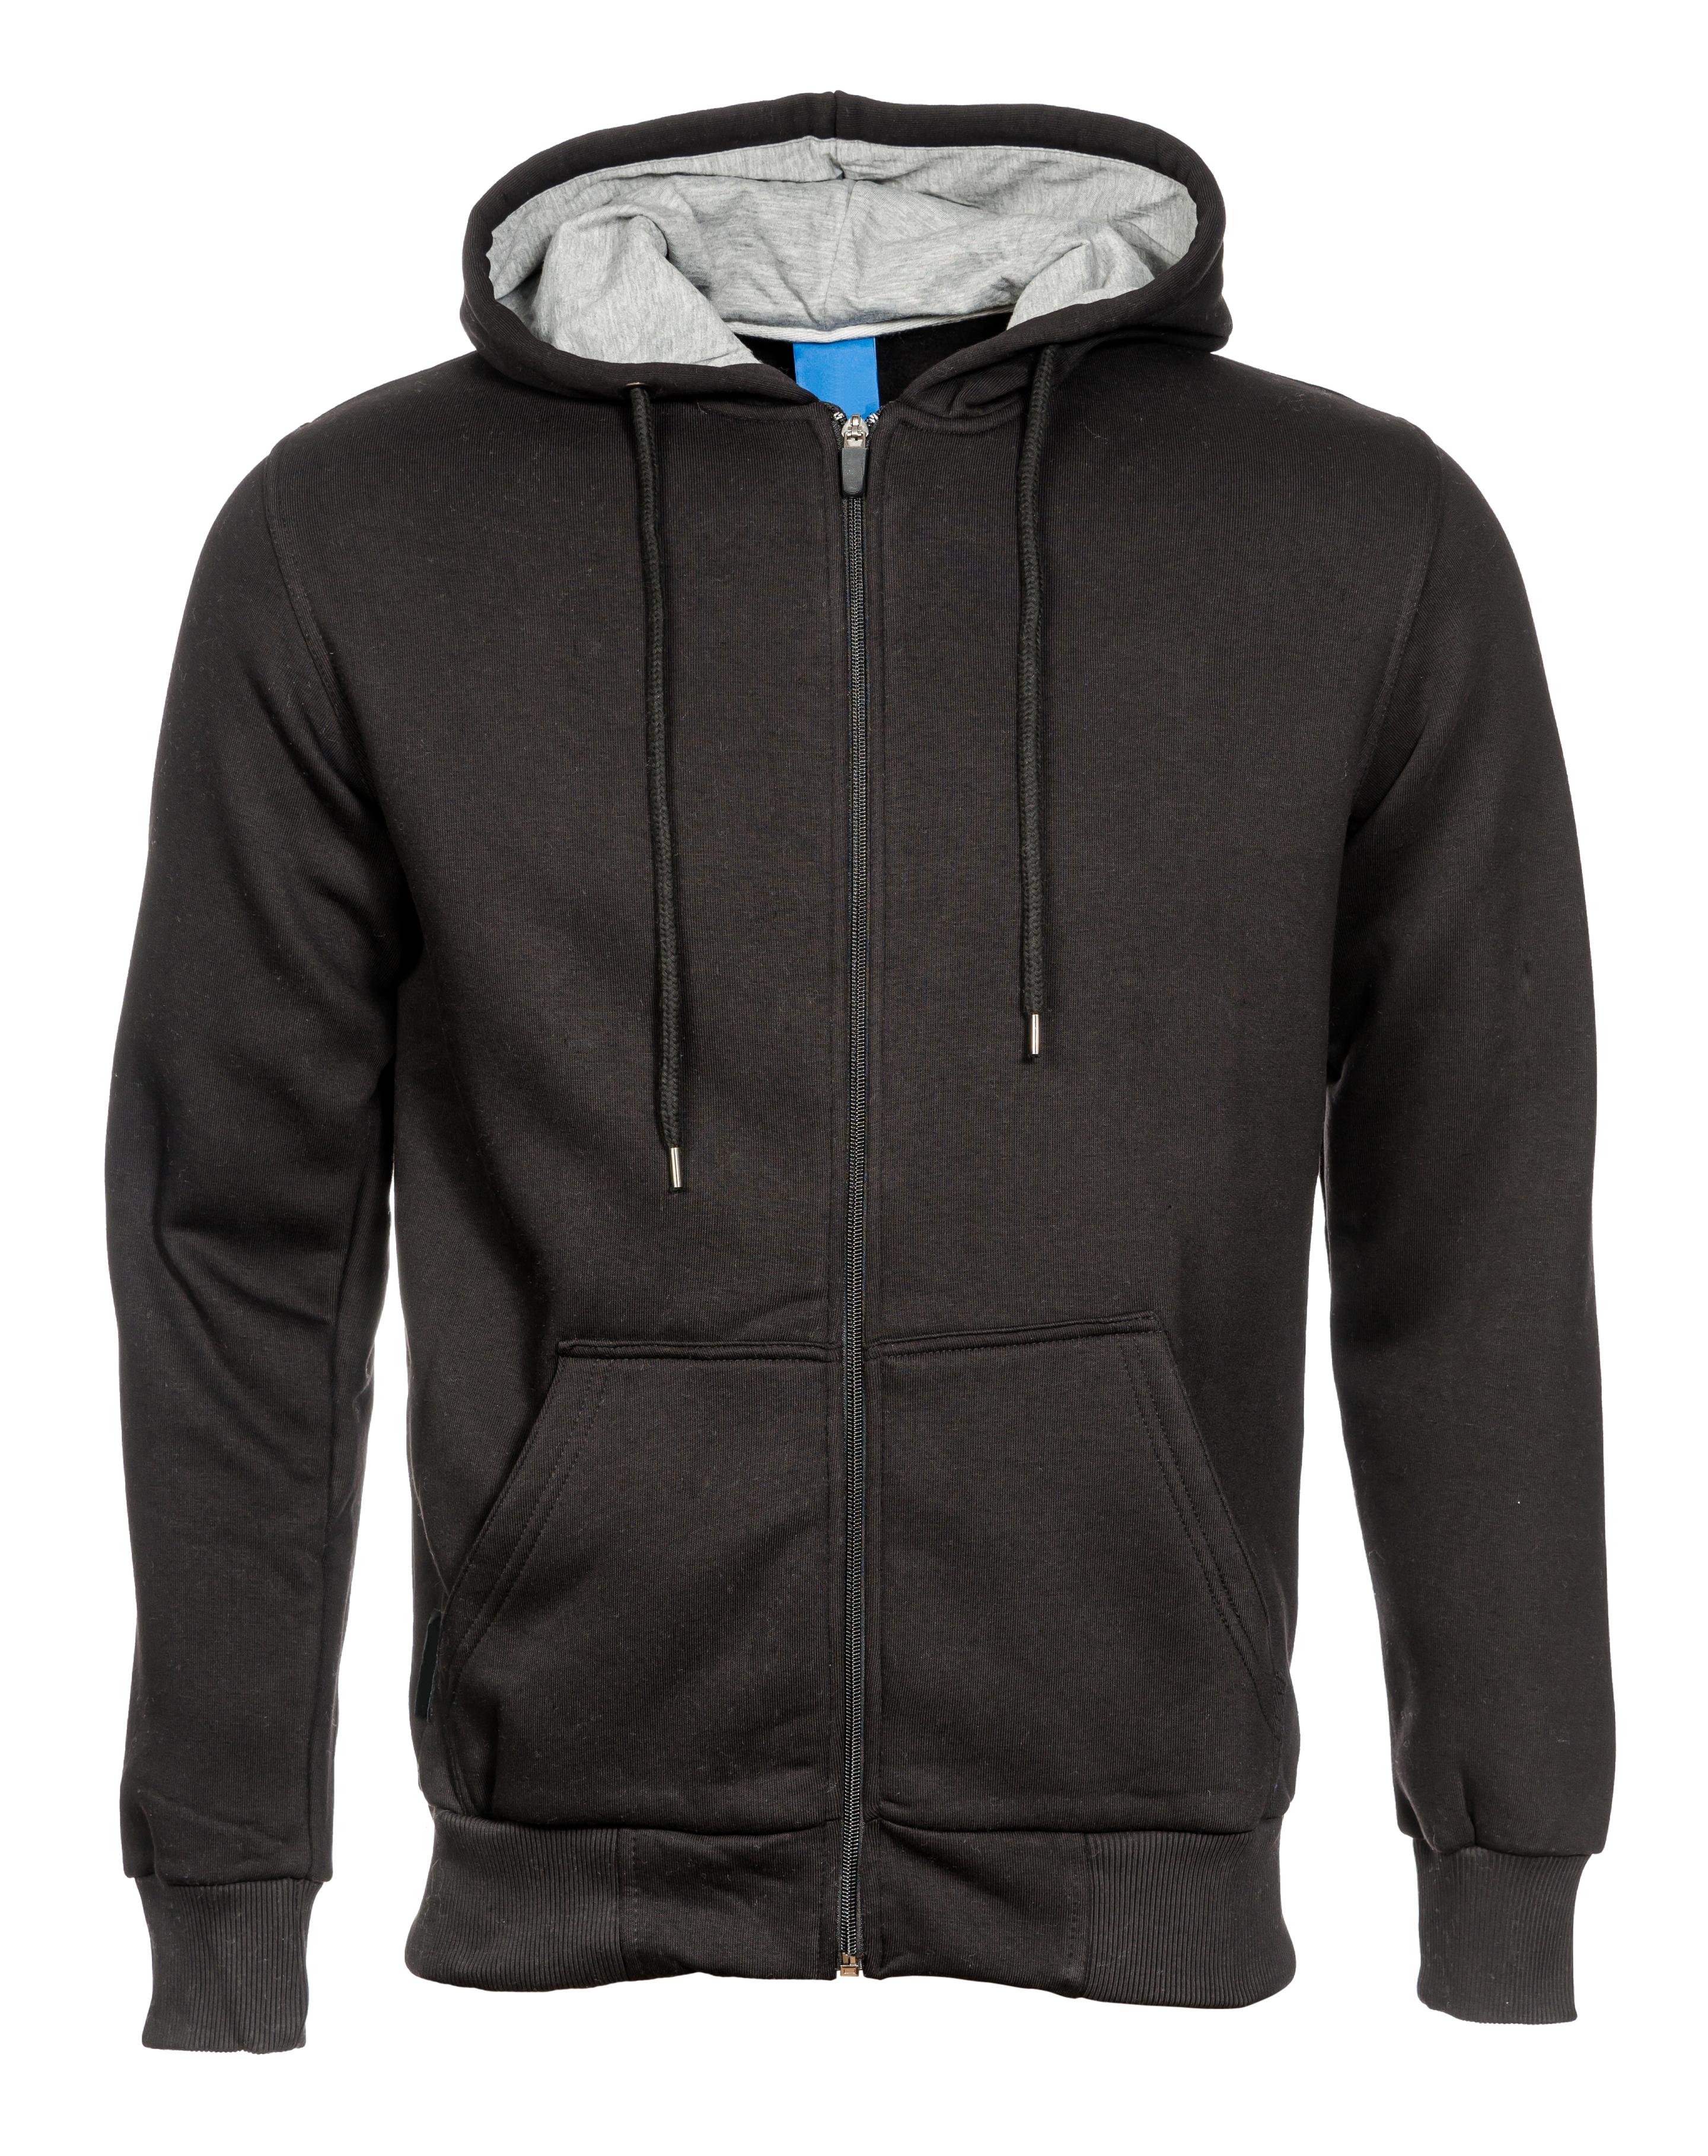 Custom made jackets (20)